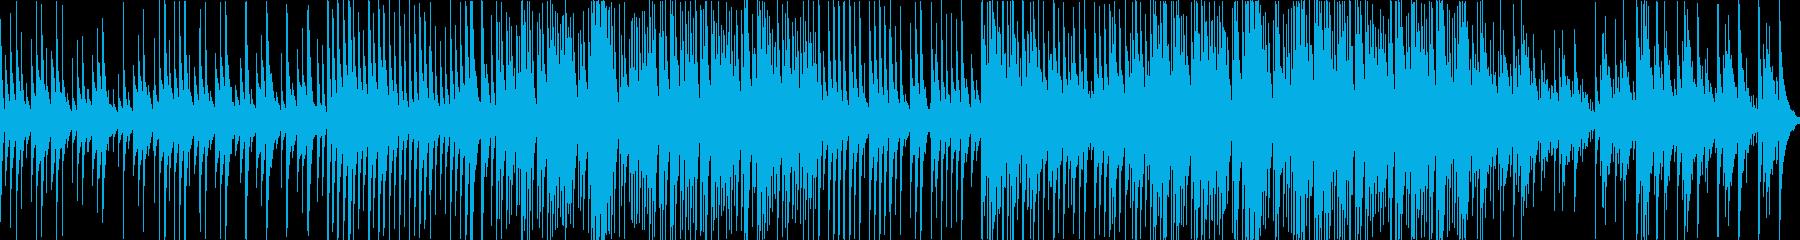 カノンのオルゴールアレンジ_ループokの再生済みの波形